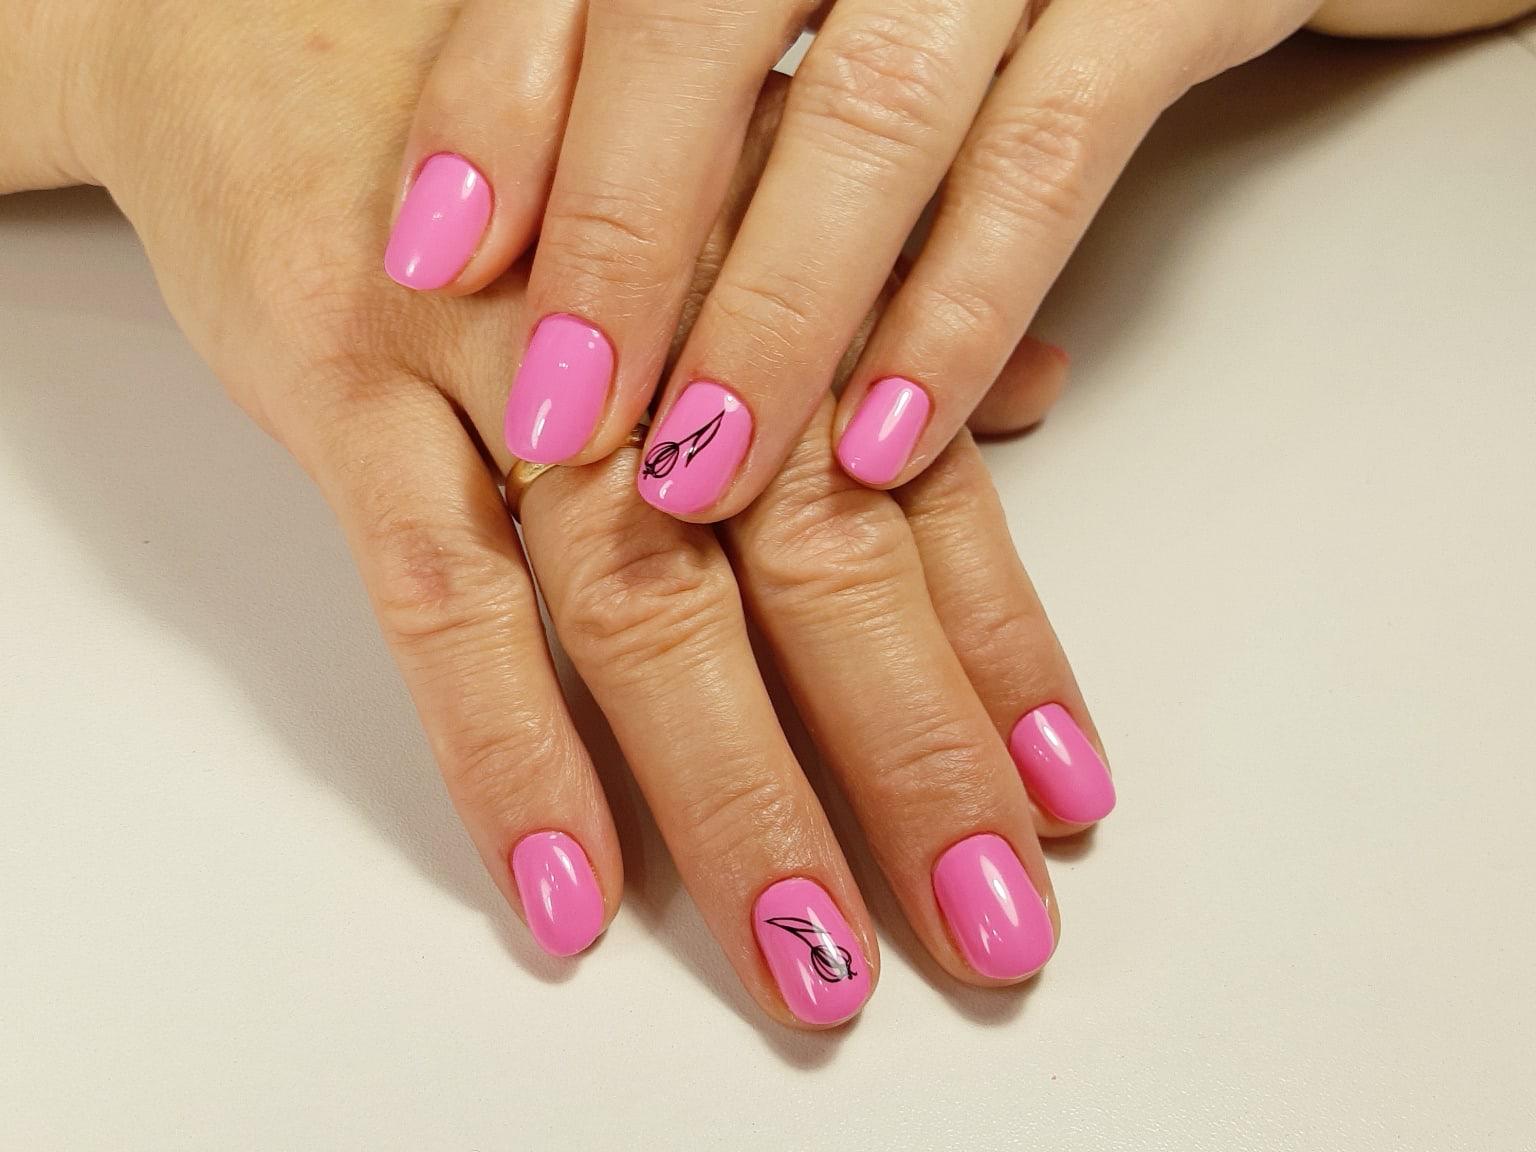 Маникюр с цветочными слайдерами в лиловом цвете на короткие ногти.